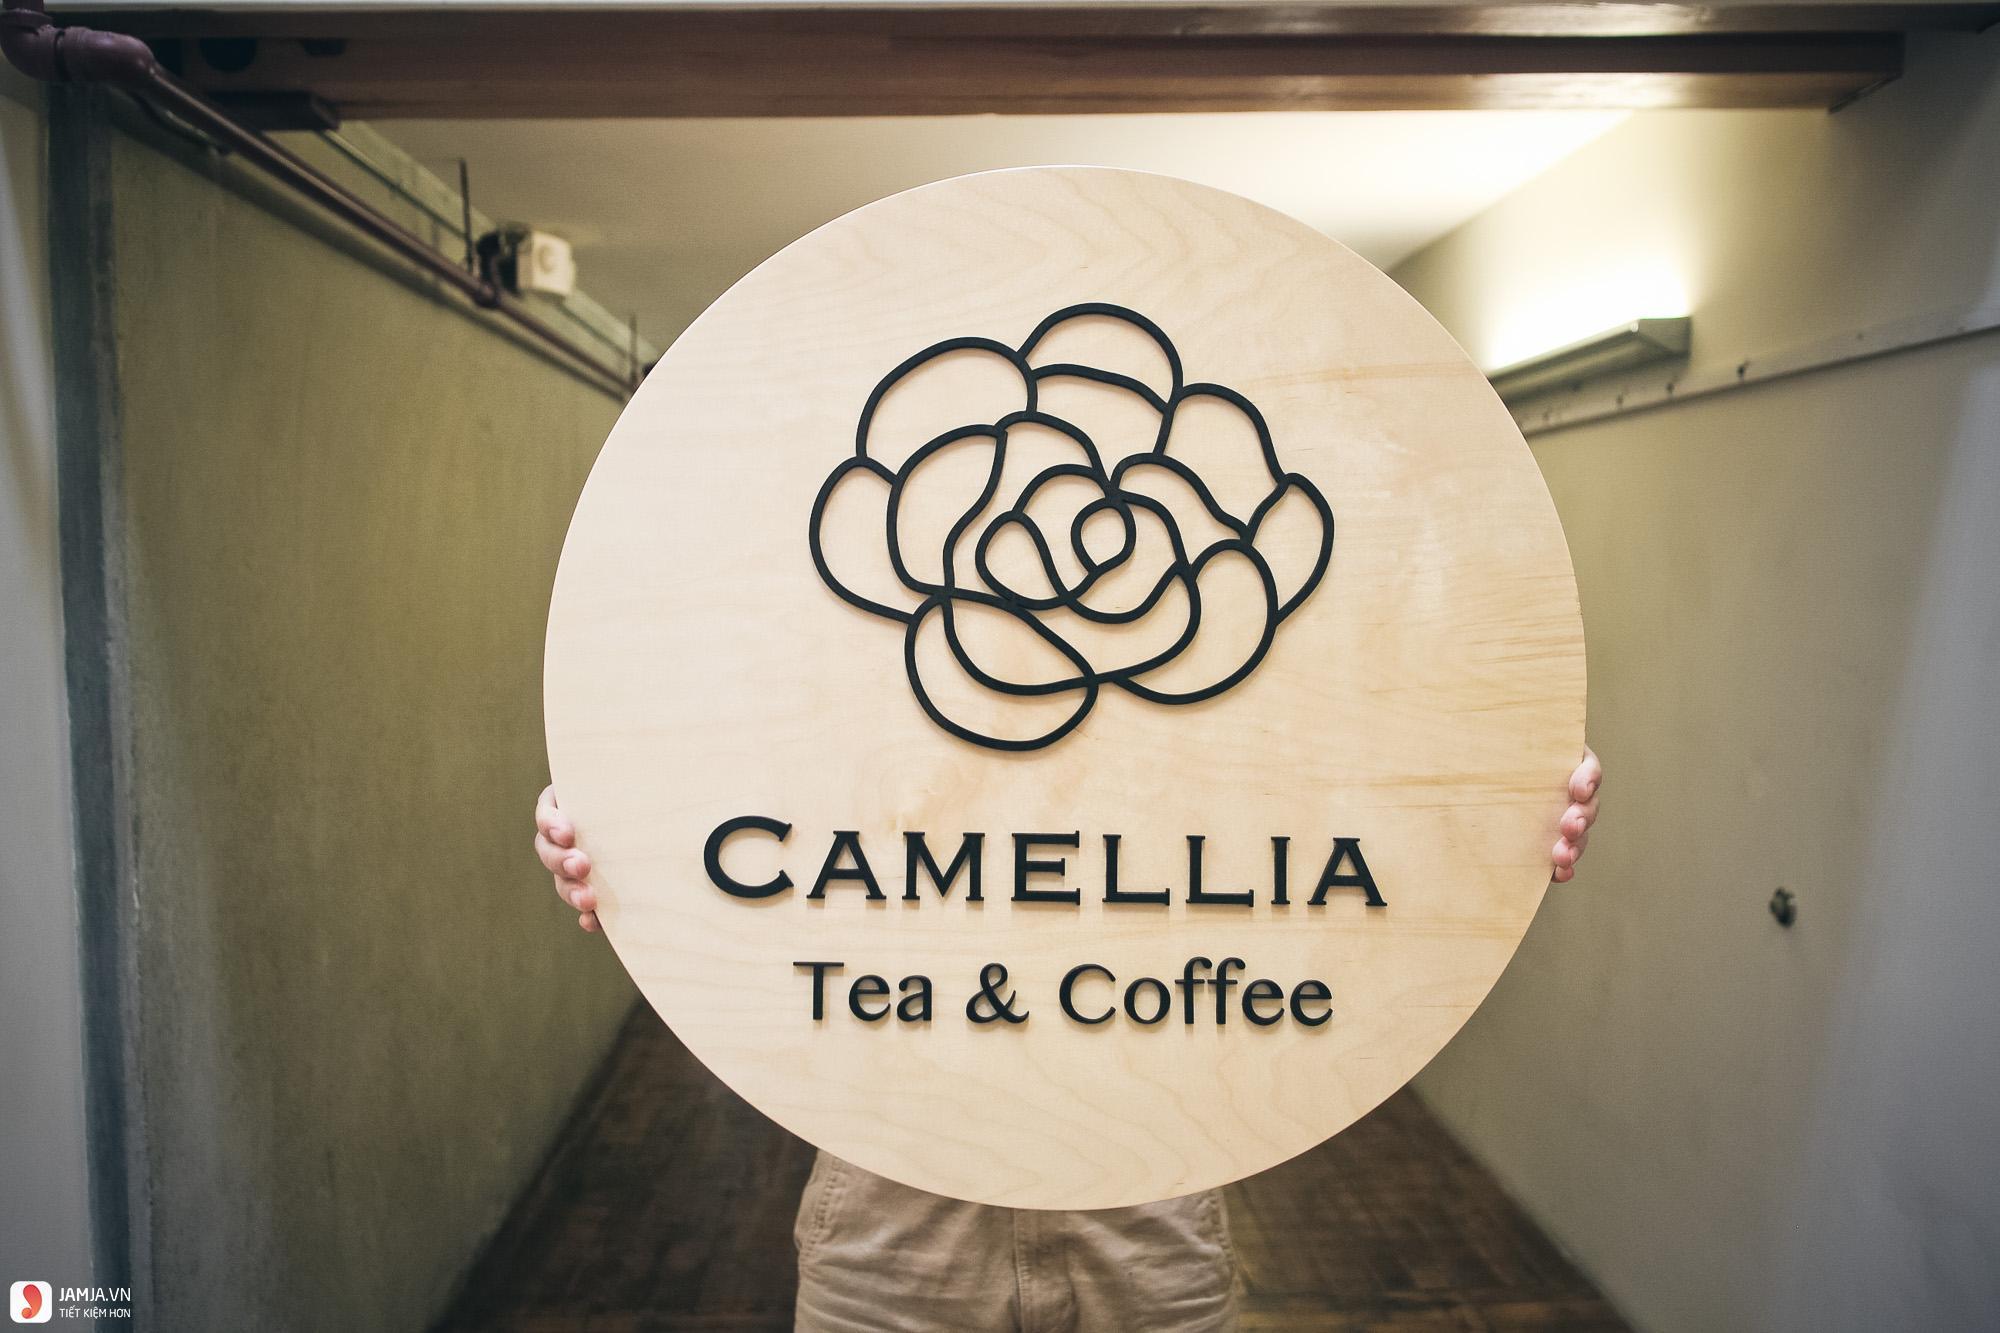 Quán cà phê Camellia Tea & Coffee 1